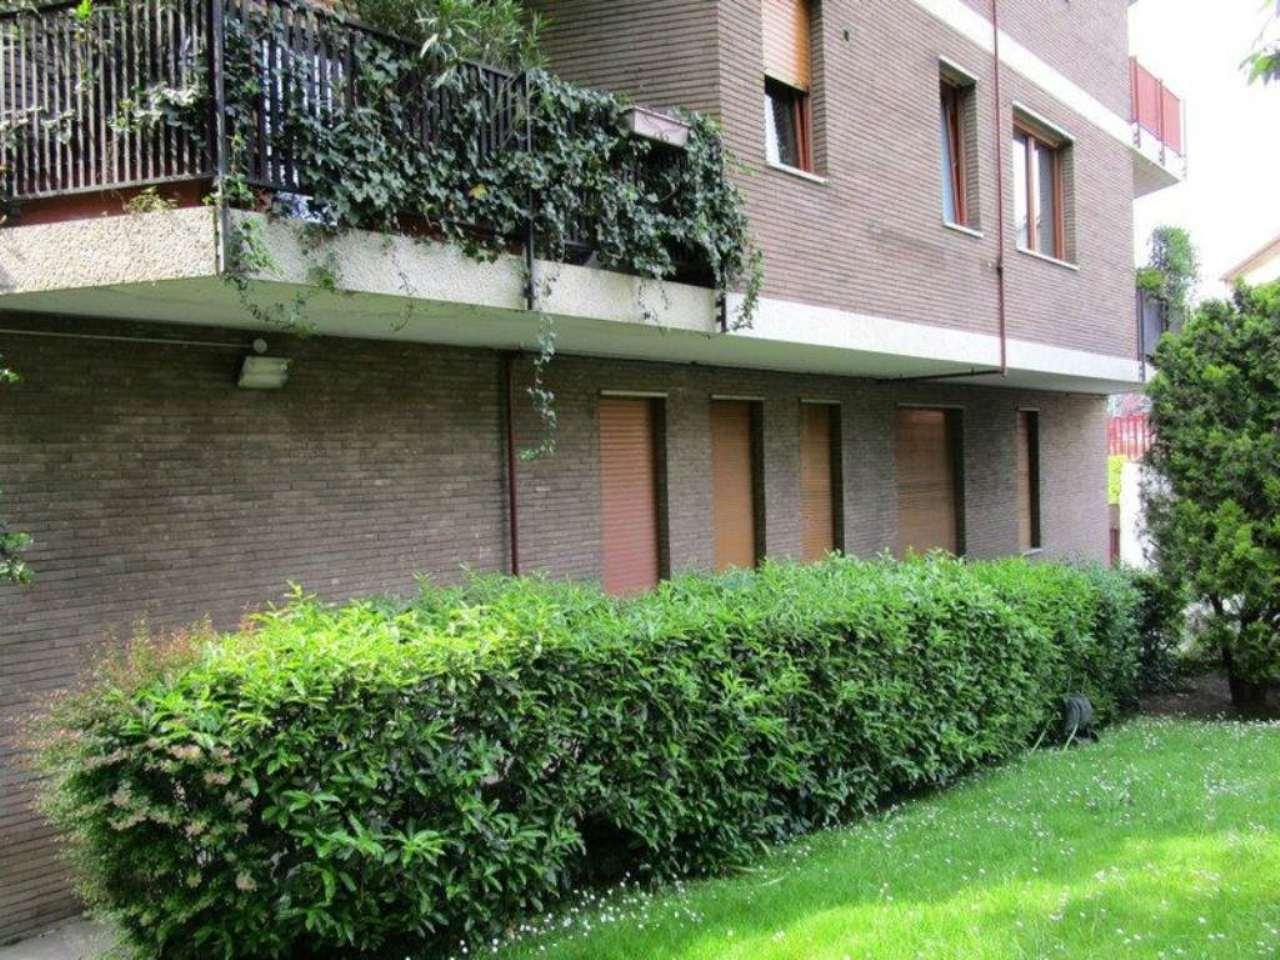 Monza Affitto UFFICIO Immagine 0